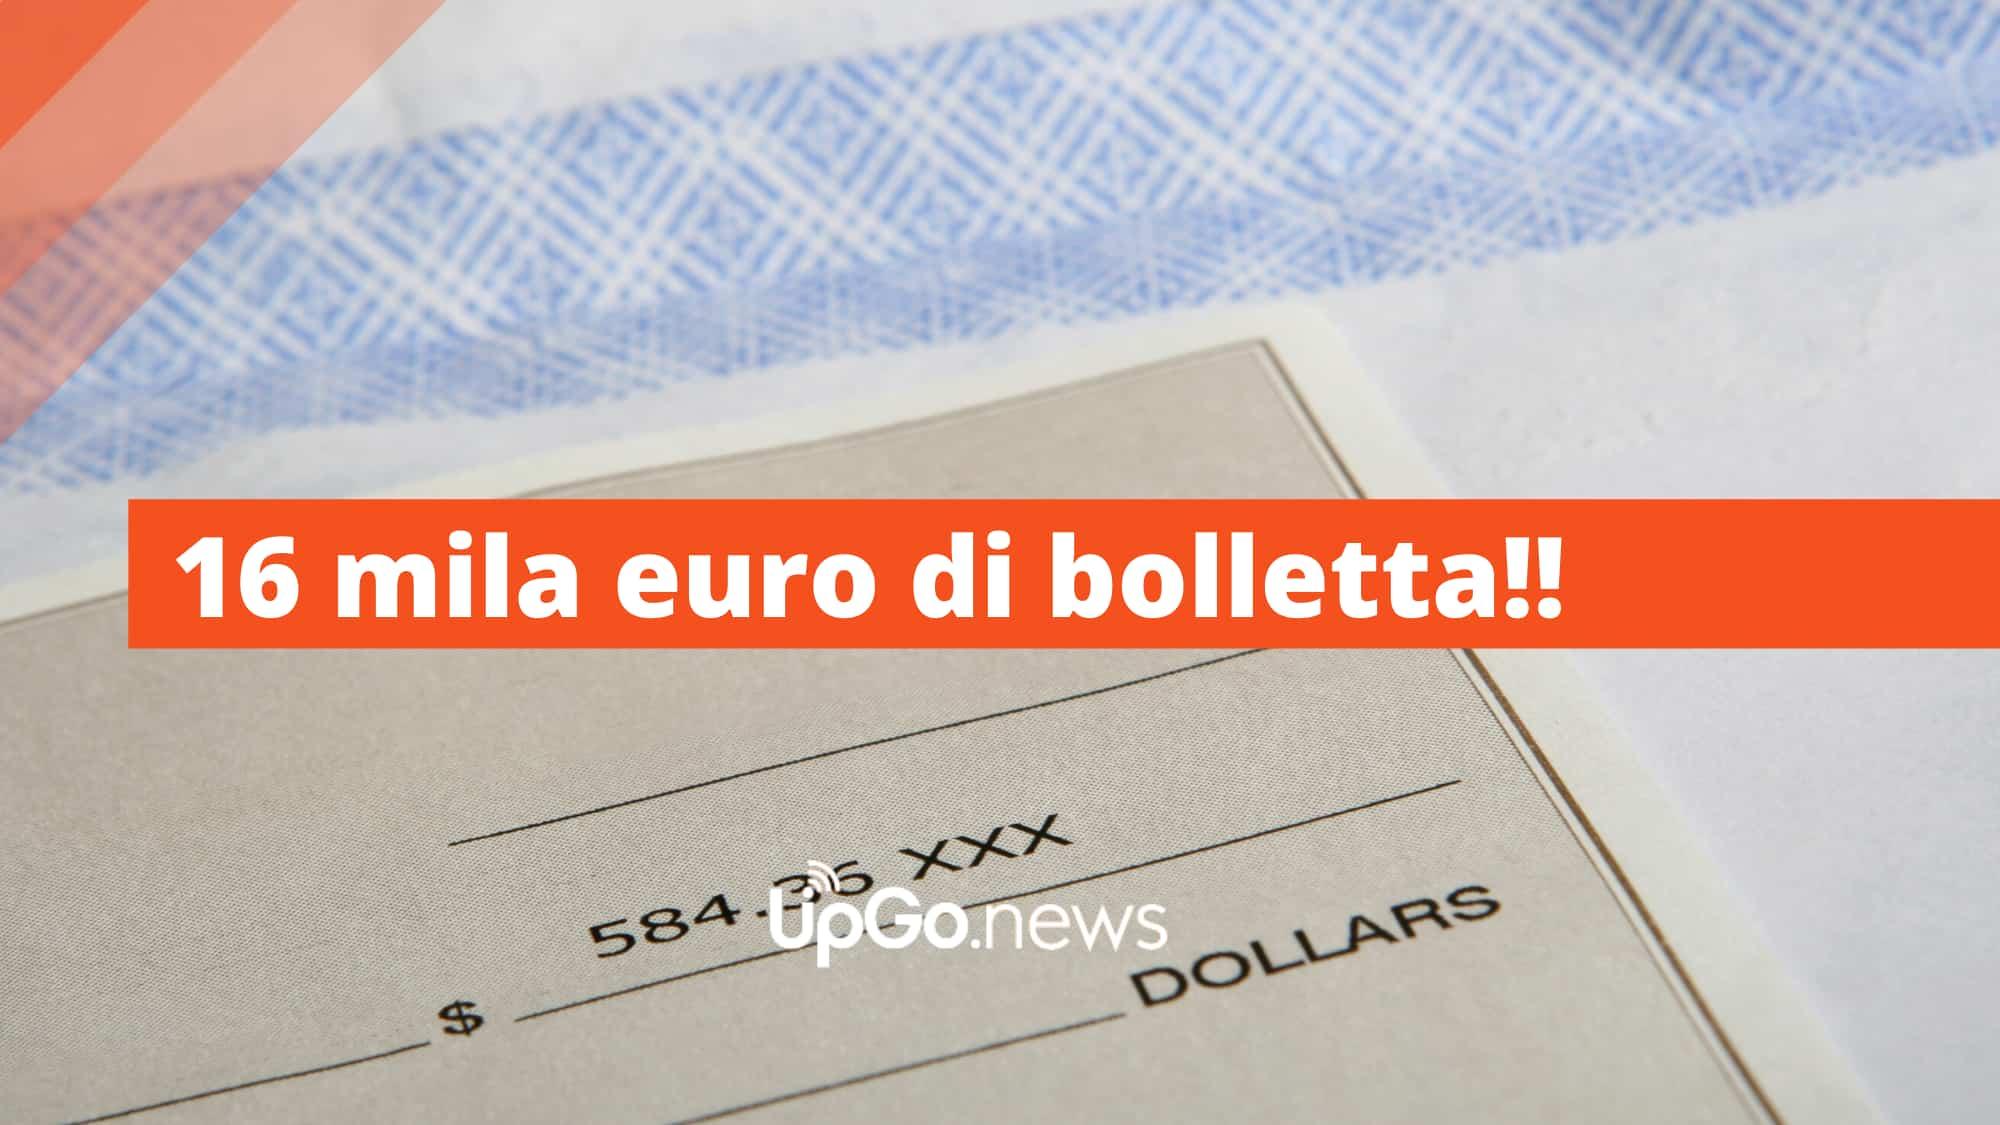 16 mila euro di bolletta TIM